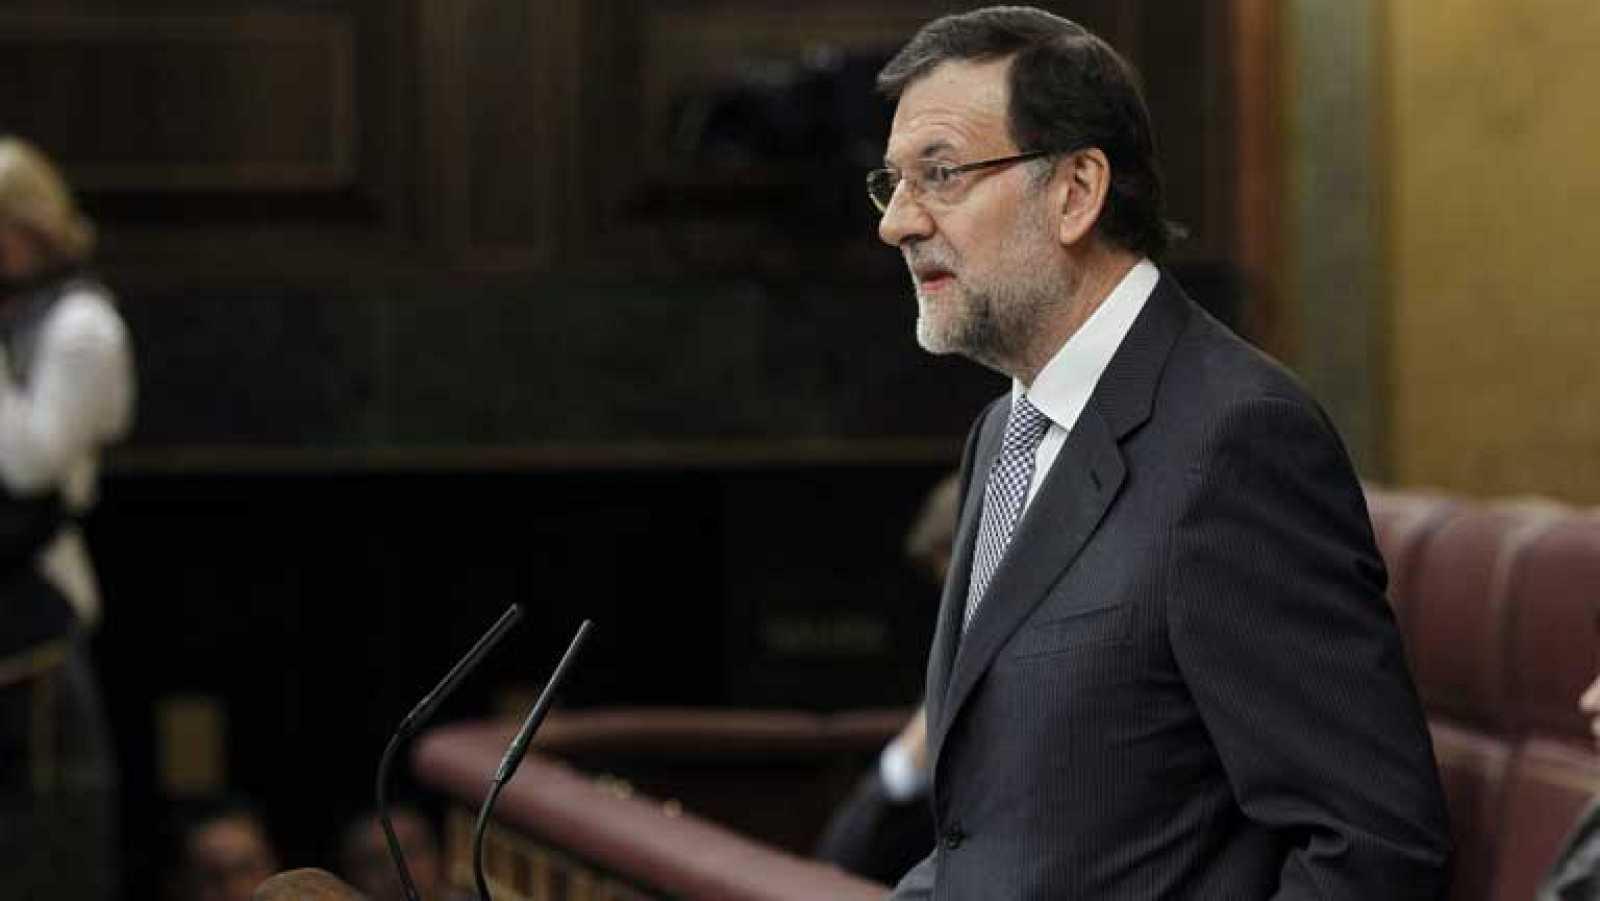 Debate sobre el estado de la Nación 2013 - Discurso de apertura de Mariano Rajoy - Ver ahora